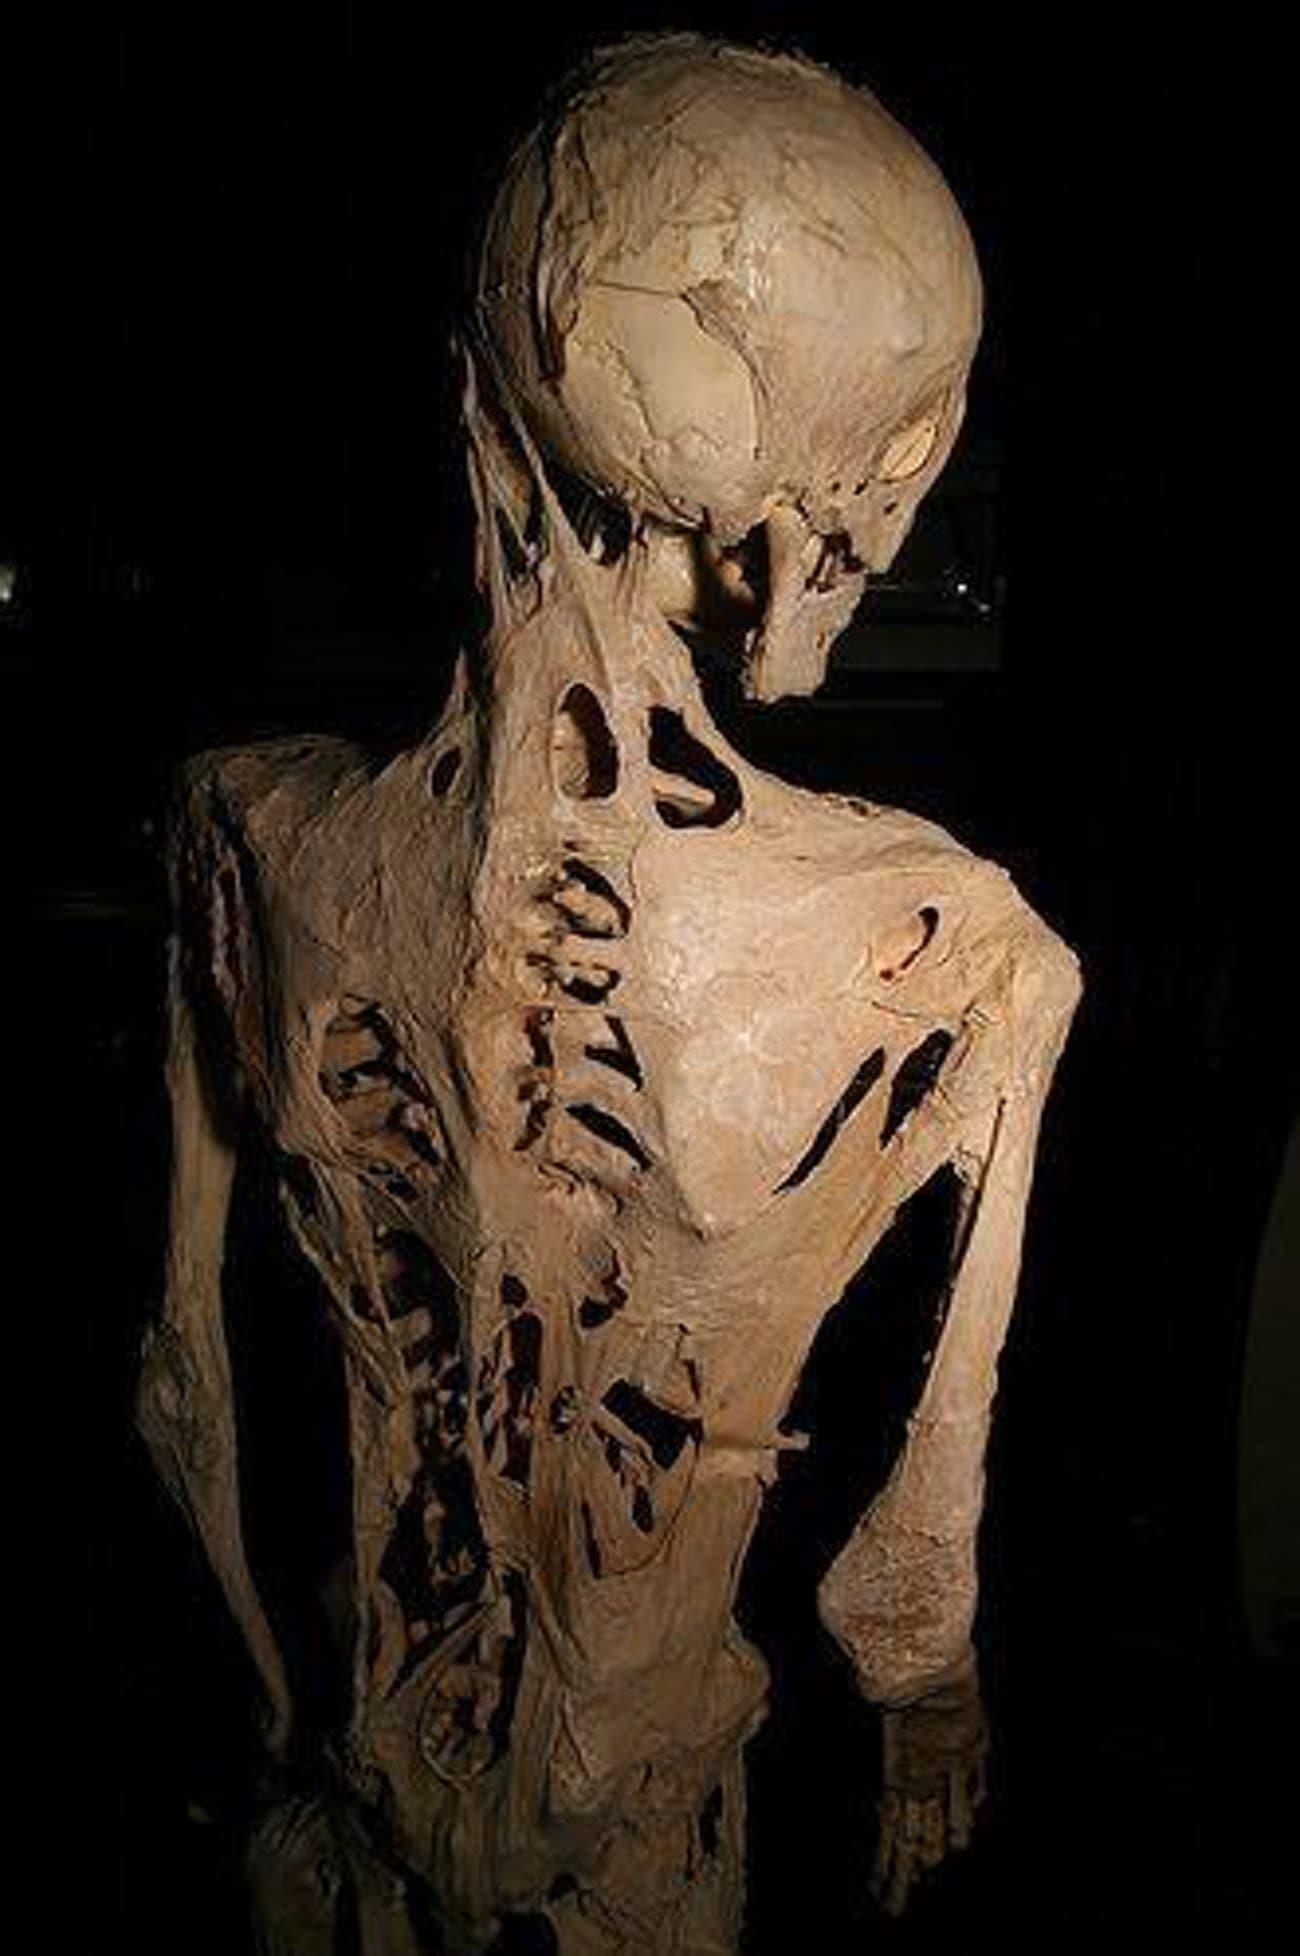 Những căn bệnh di truyền ở con người đáng sợ và kinh khủng nhất từng được khoa học biết đến - Ảnh 1.